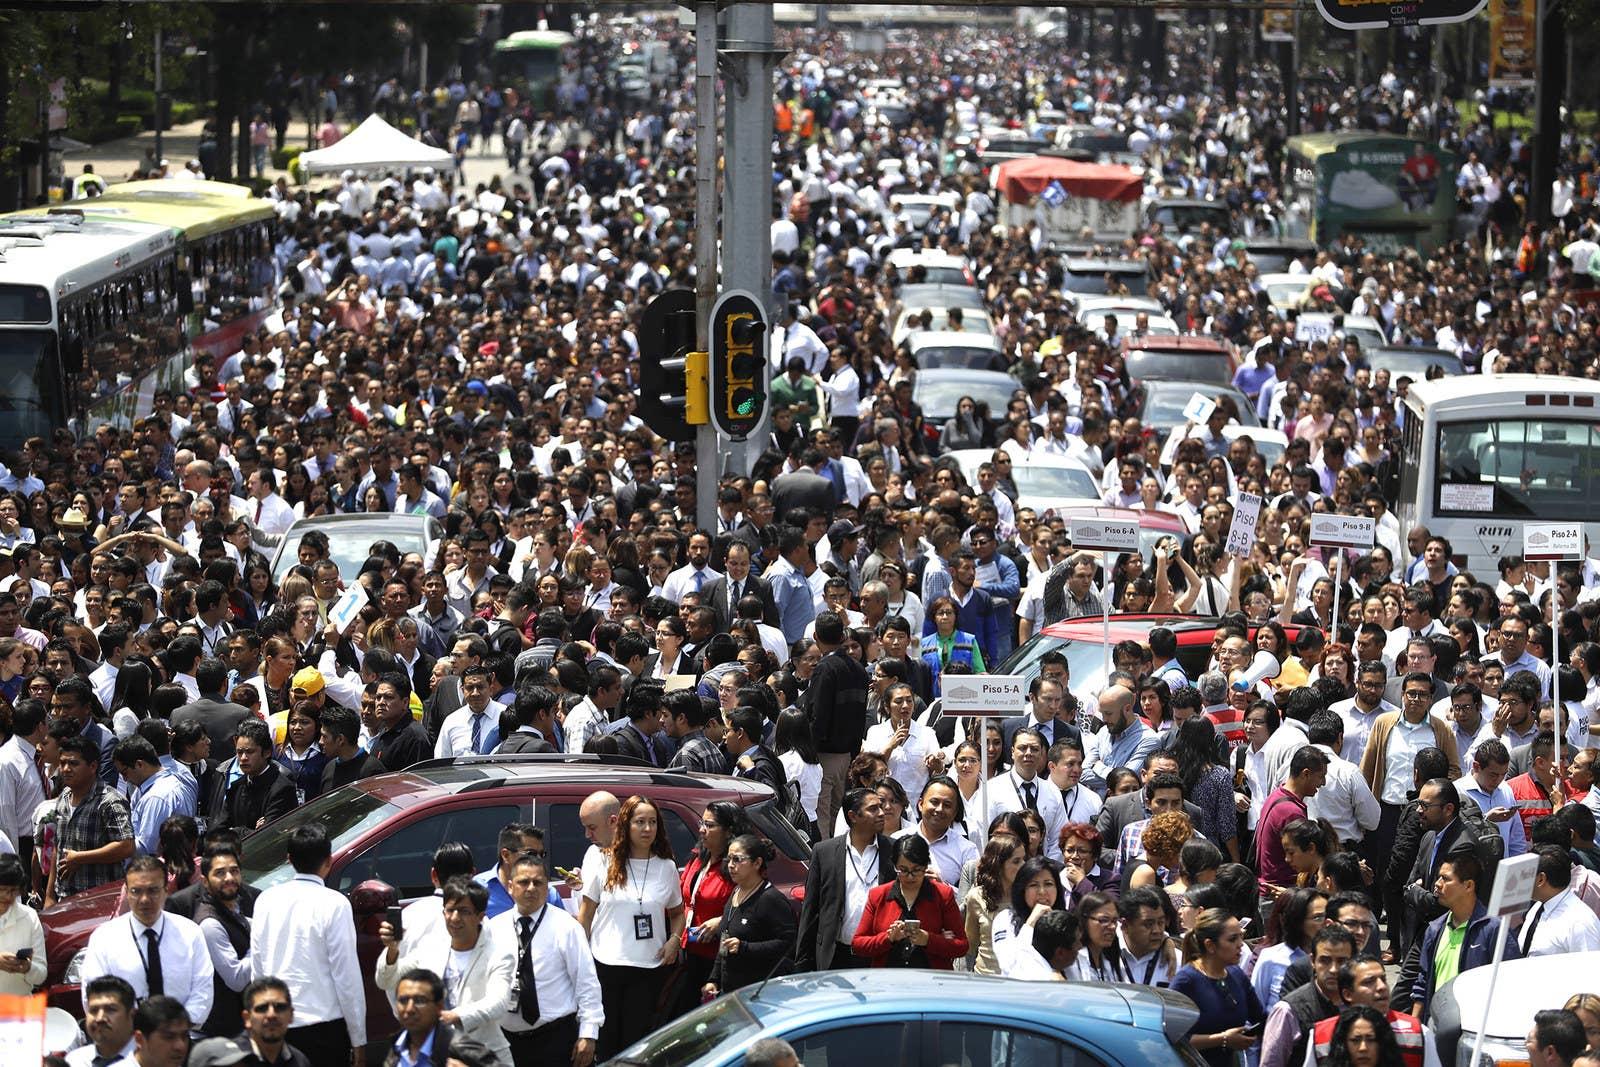 Personas evacuadas de edificios de oficinas se reúnen en la Avenida Reforma luego del terremoto en la Ciudad de México.